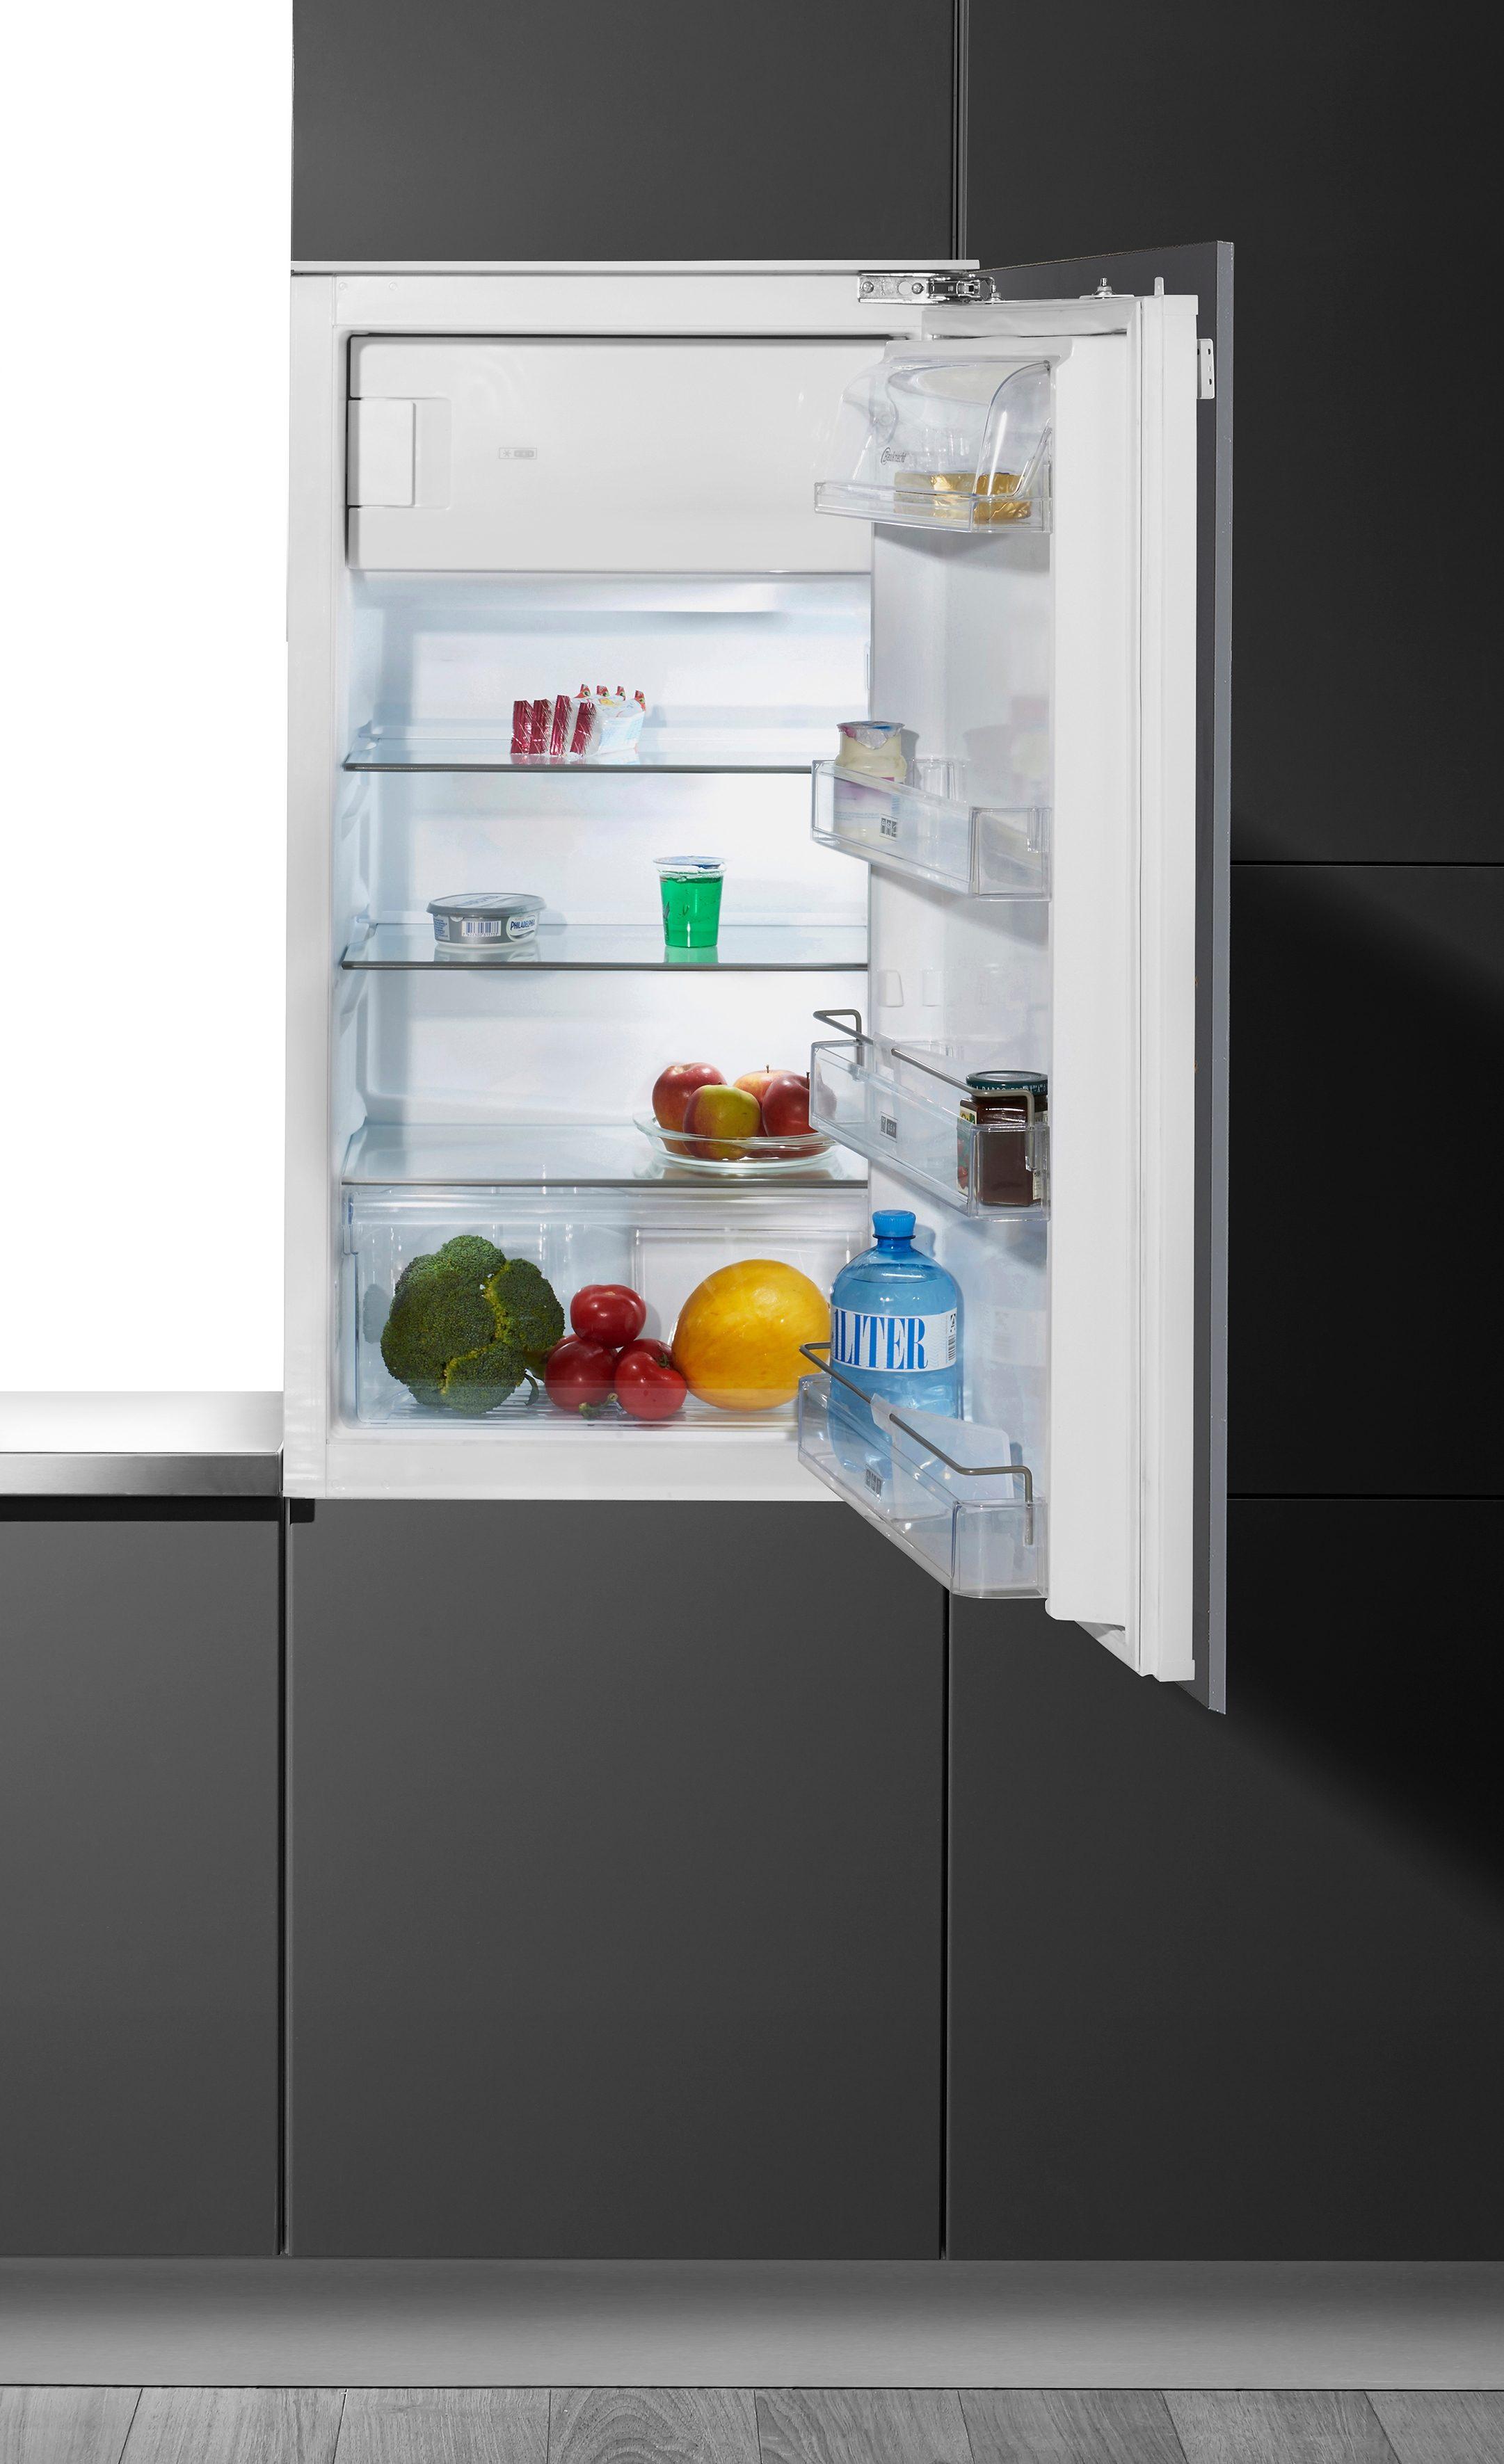 Bauknecht integrierbarer Einbau-Kühlschrank KVIE 1104 A++, 102 cm